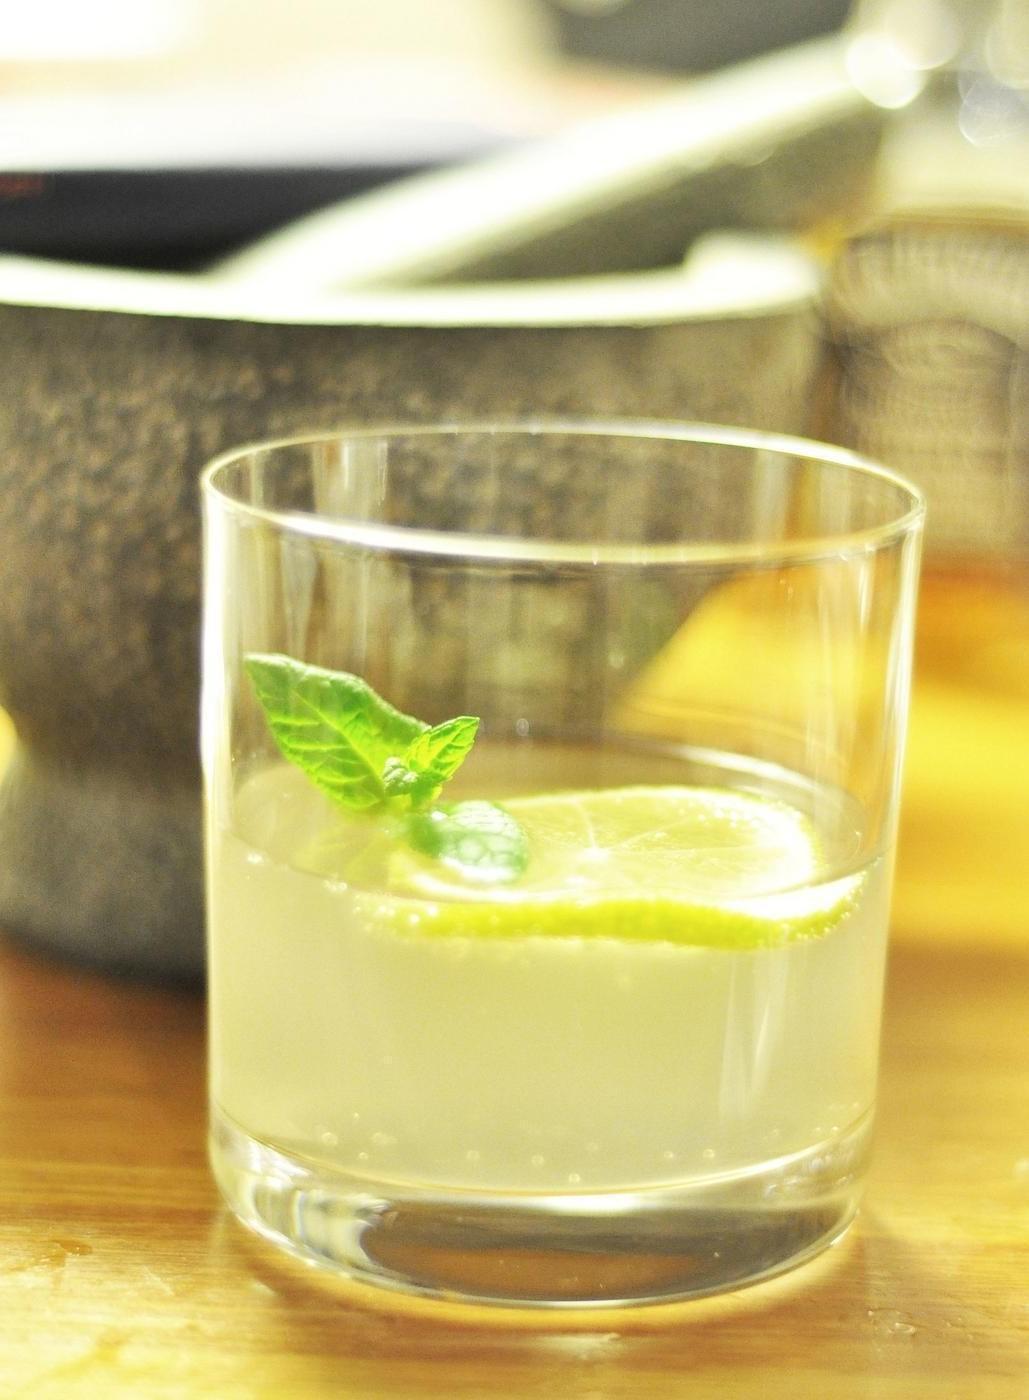 Glas med dryck.